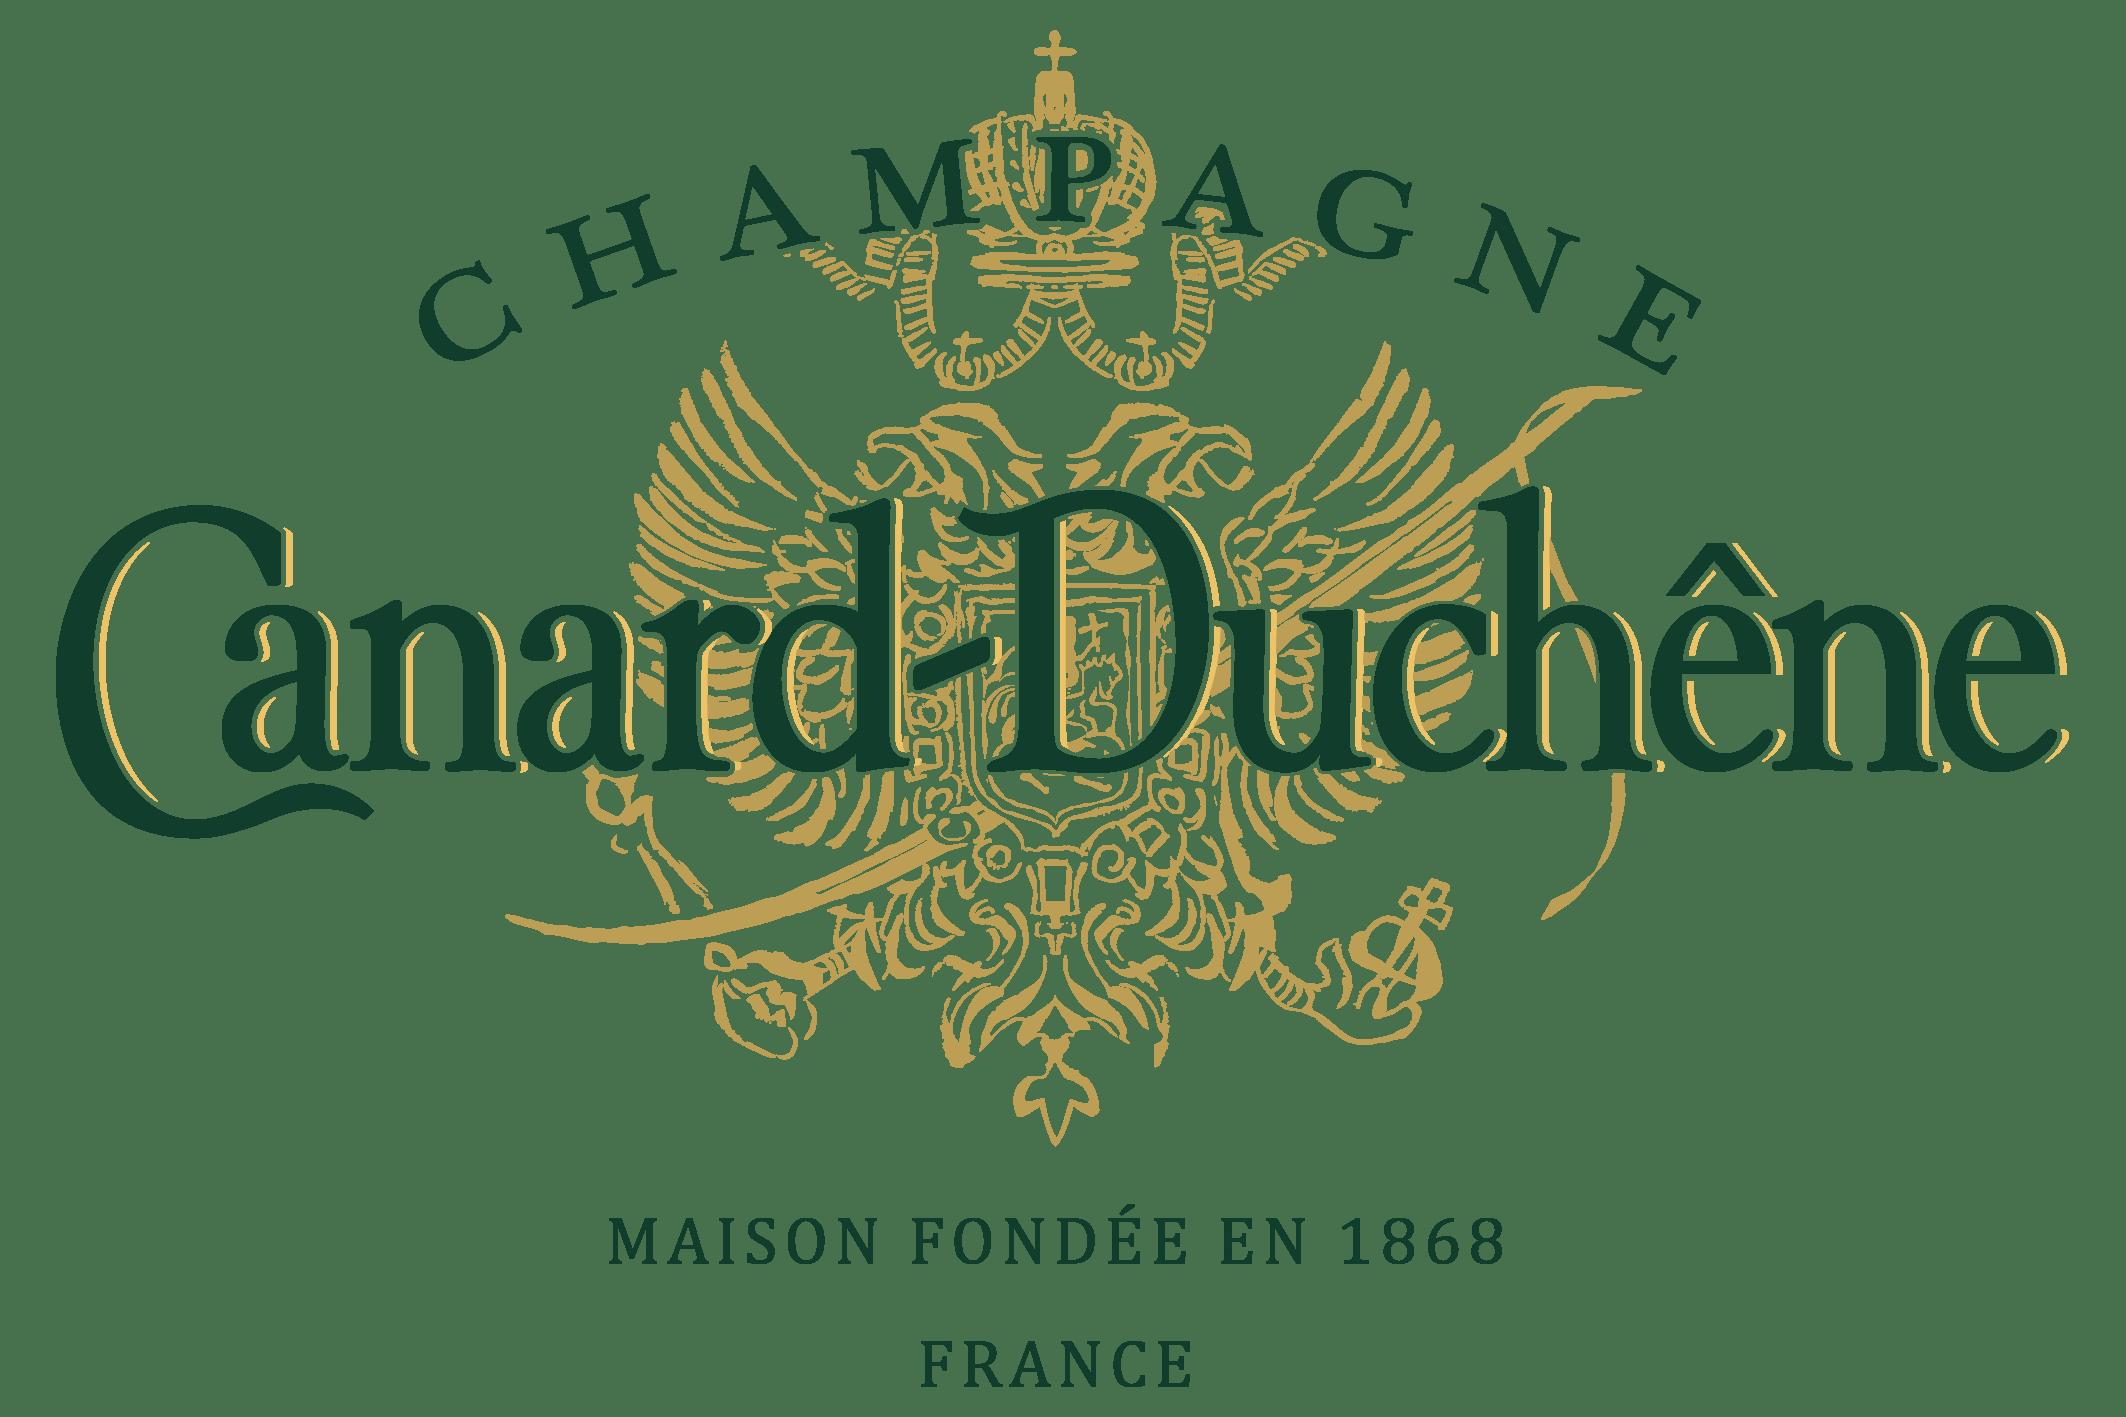 champagne canard duch ne logo transparent png stickpng. Black Bedroom Furniture Sets. Home Design Ideas